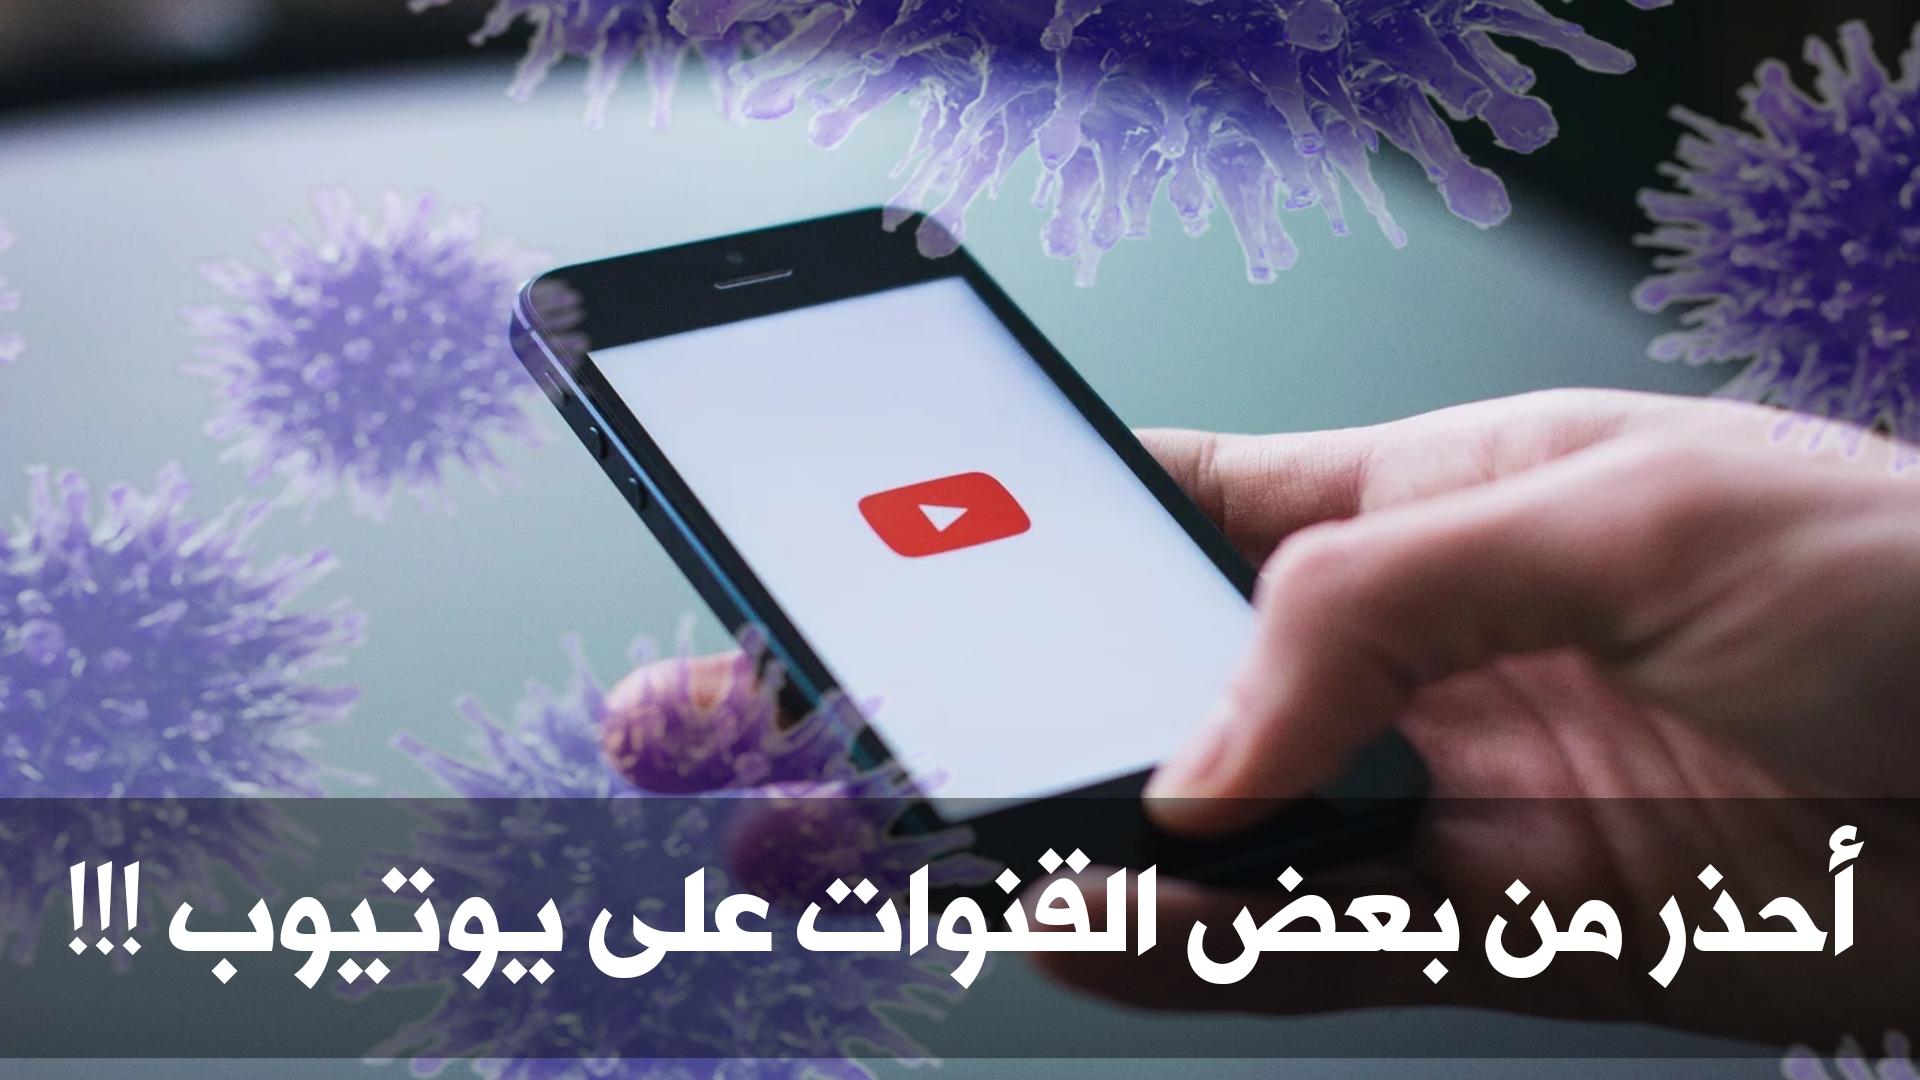 باحثون : قنوات على YouTube تبيع لقاحات مزيفة وكمامات رديئة تزعم أنها تحمي المشتركين من كورونا